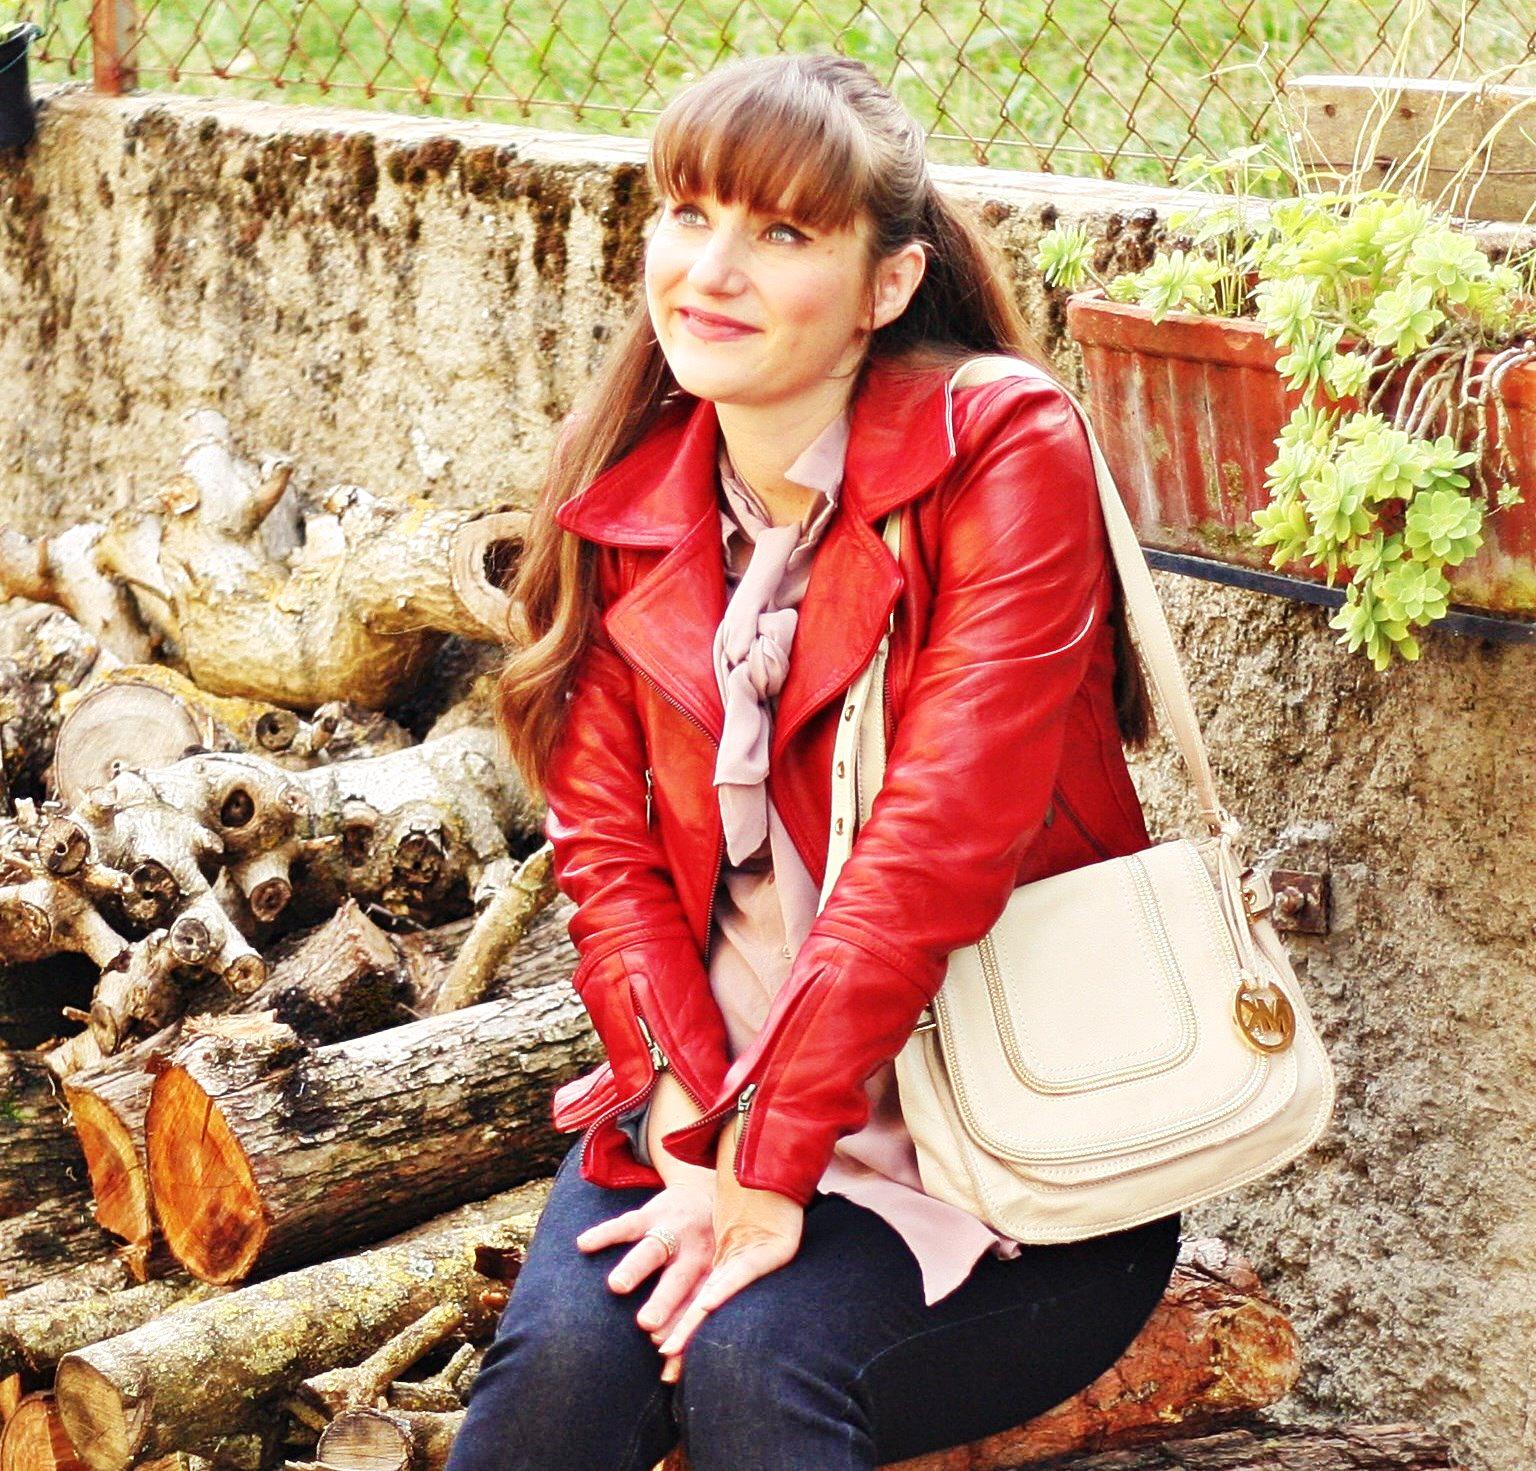 blouson-de-saison-blog-mode-anniel-sac-michael-kors-slim-maternité